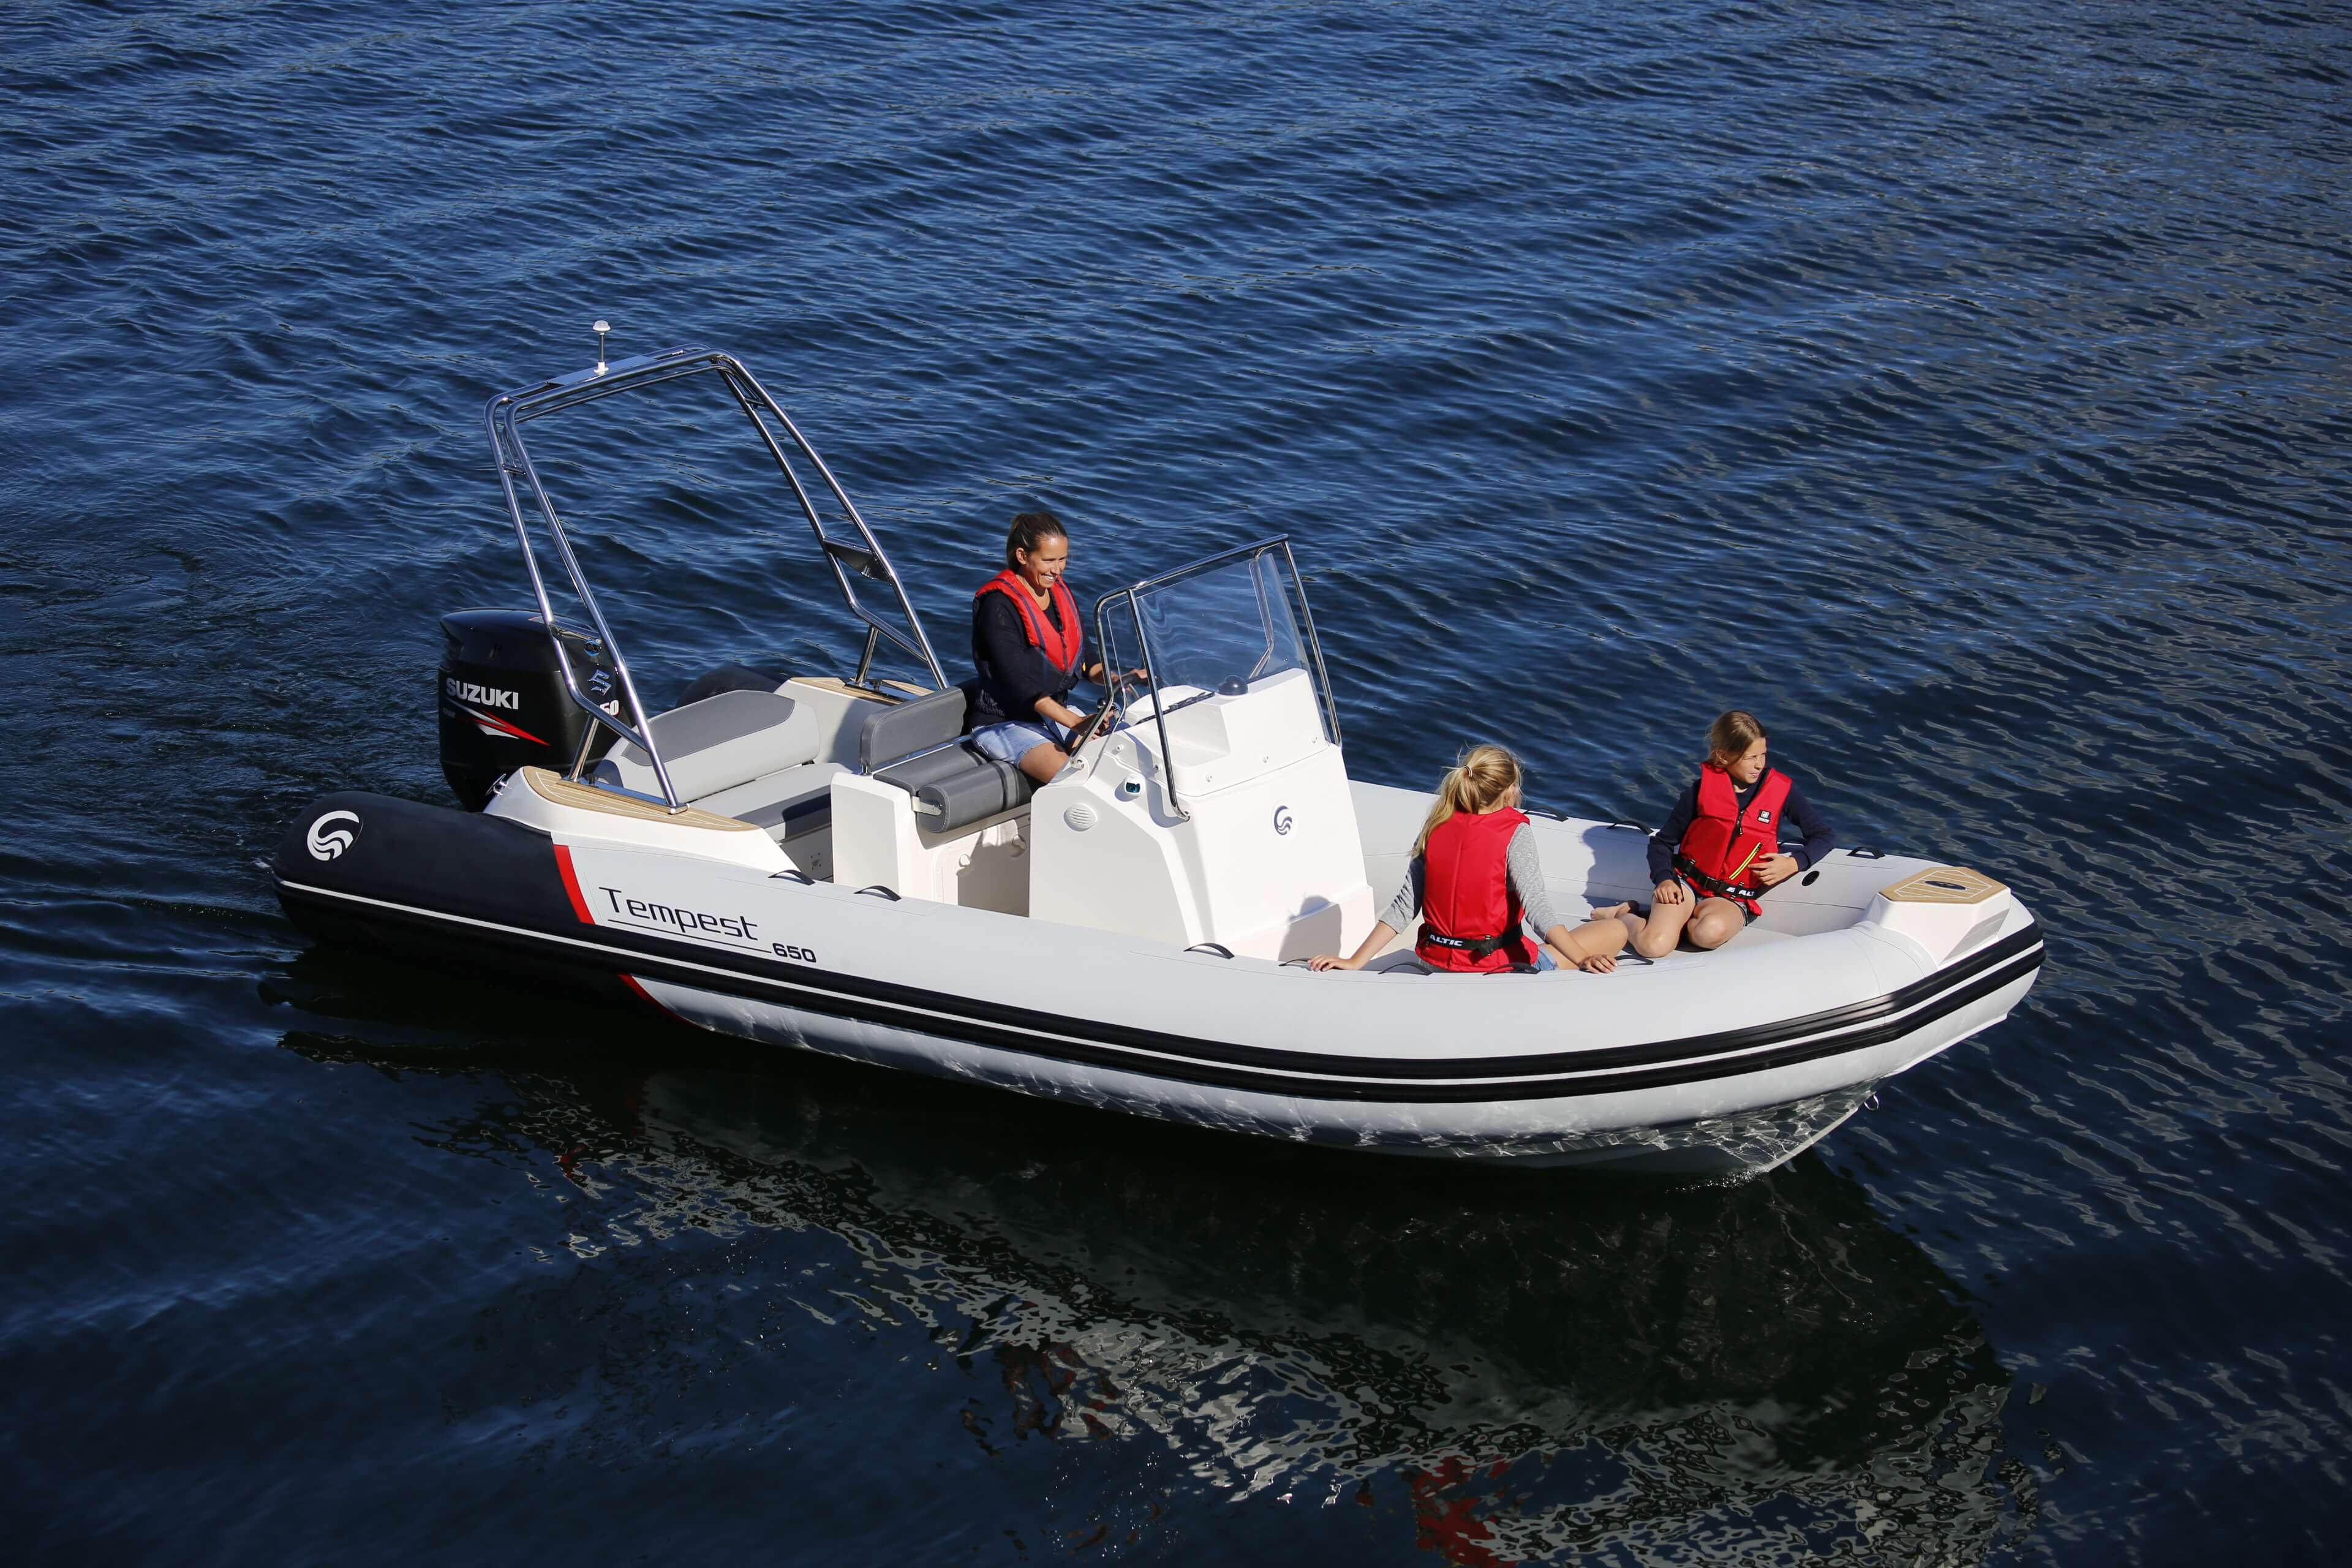 nimbus begagnade båtar